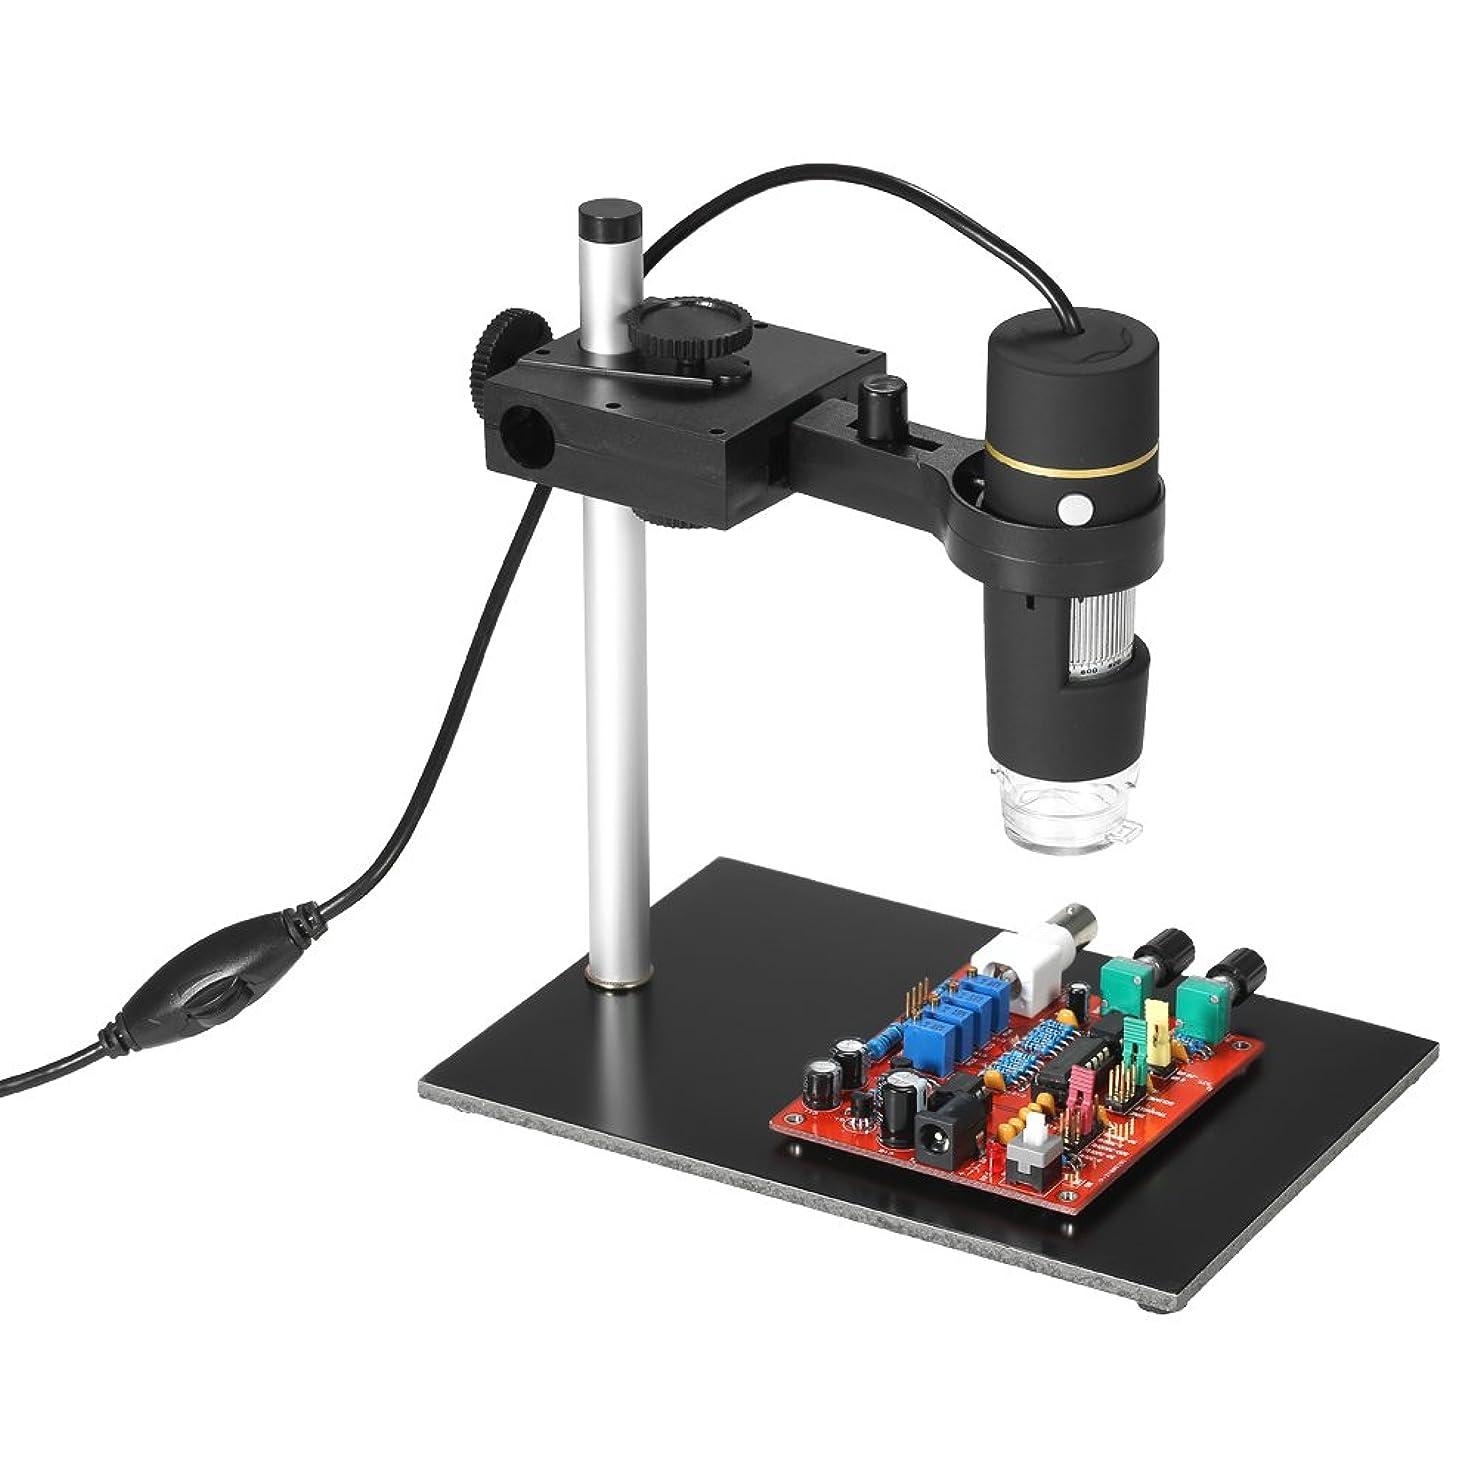 トークバラバラにする不良Kecheer 顕微鏡 OTG機能を備えた1000倍の倍率のデジタルデジタル顕微鏡 内視鏡スタンド付 内視鏡8-LEDライト拡大鏡拡大鏡